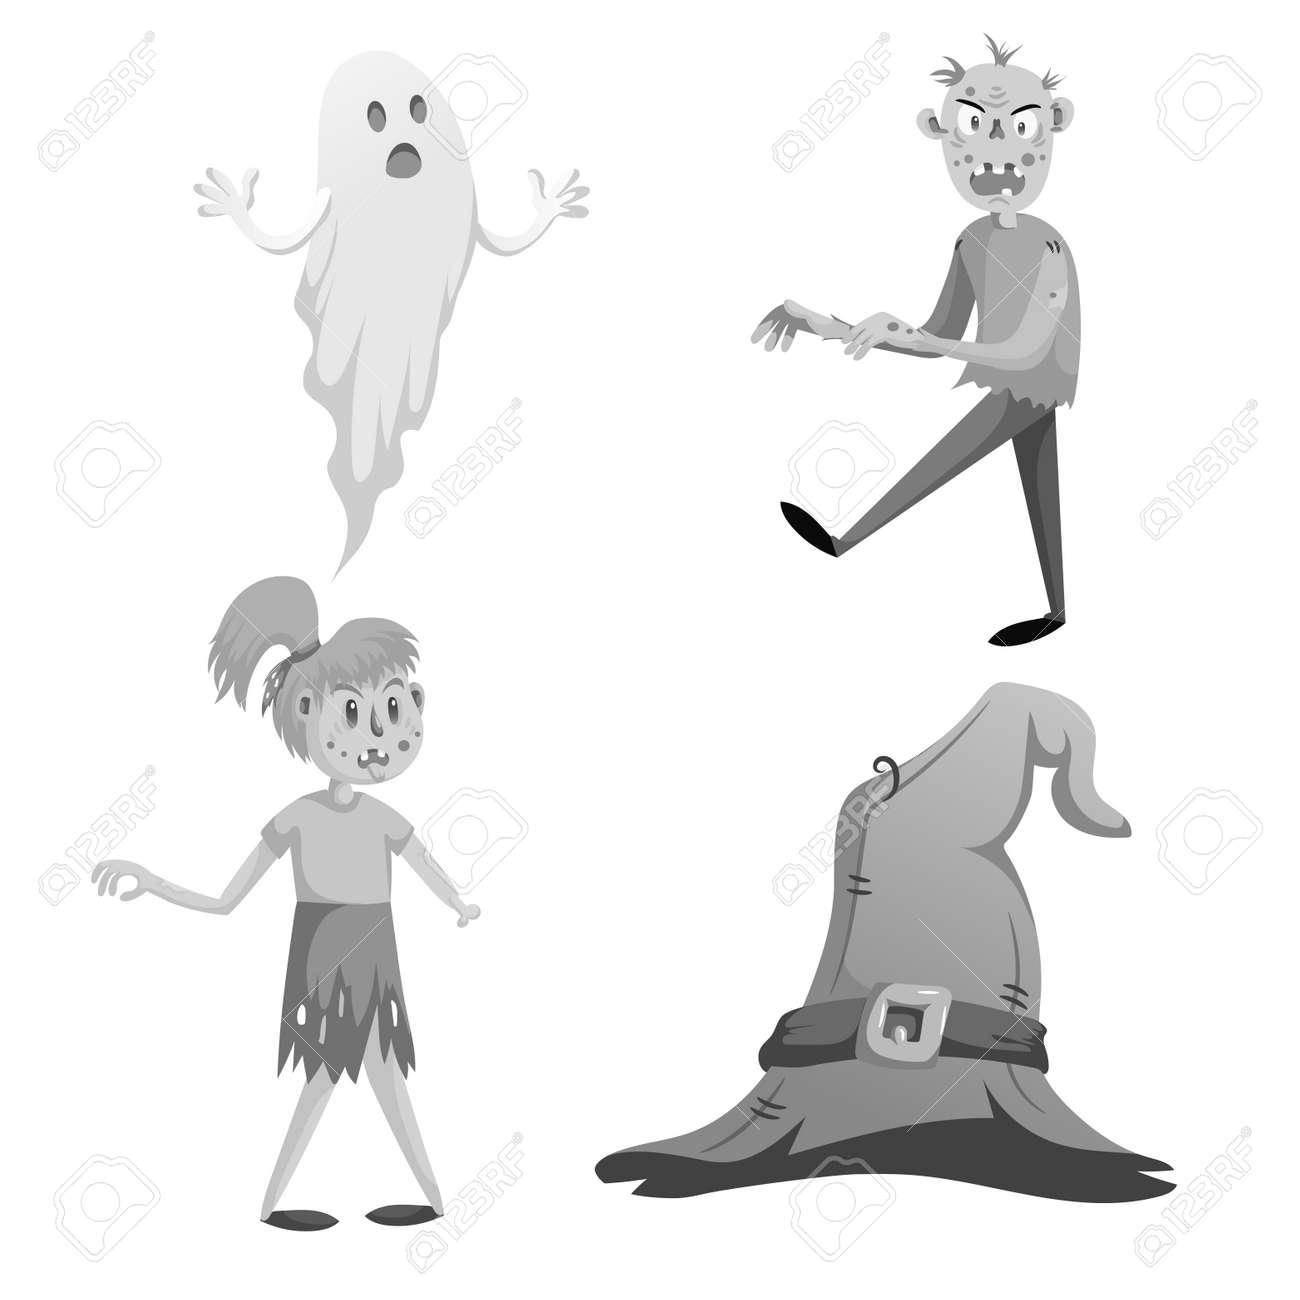 Ensemble De Symboles De Halloween Monochrome De Dessin Animé Fantôme Drôle Marche Zombie Fille Zombie Sans Main Et Chapeau De Sorcière Avec